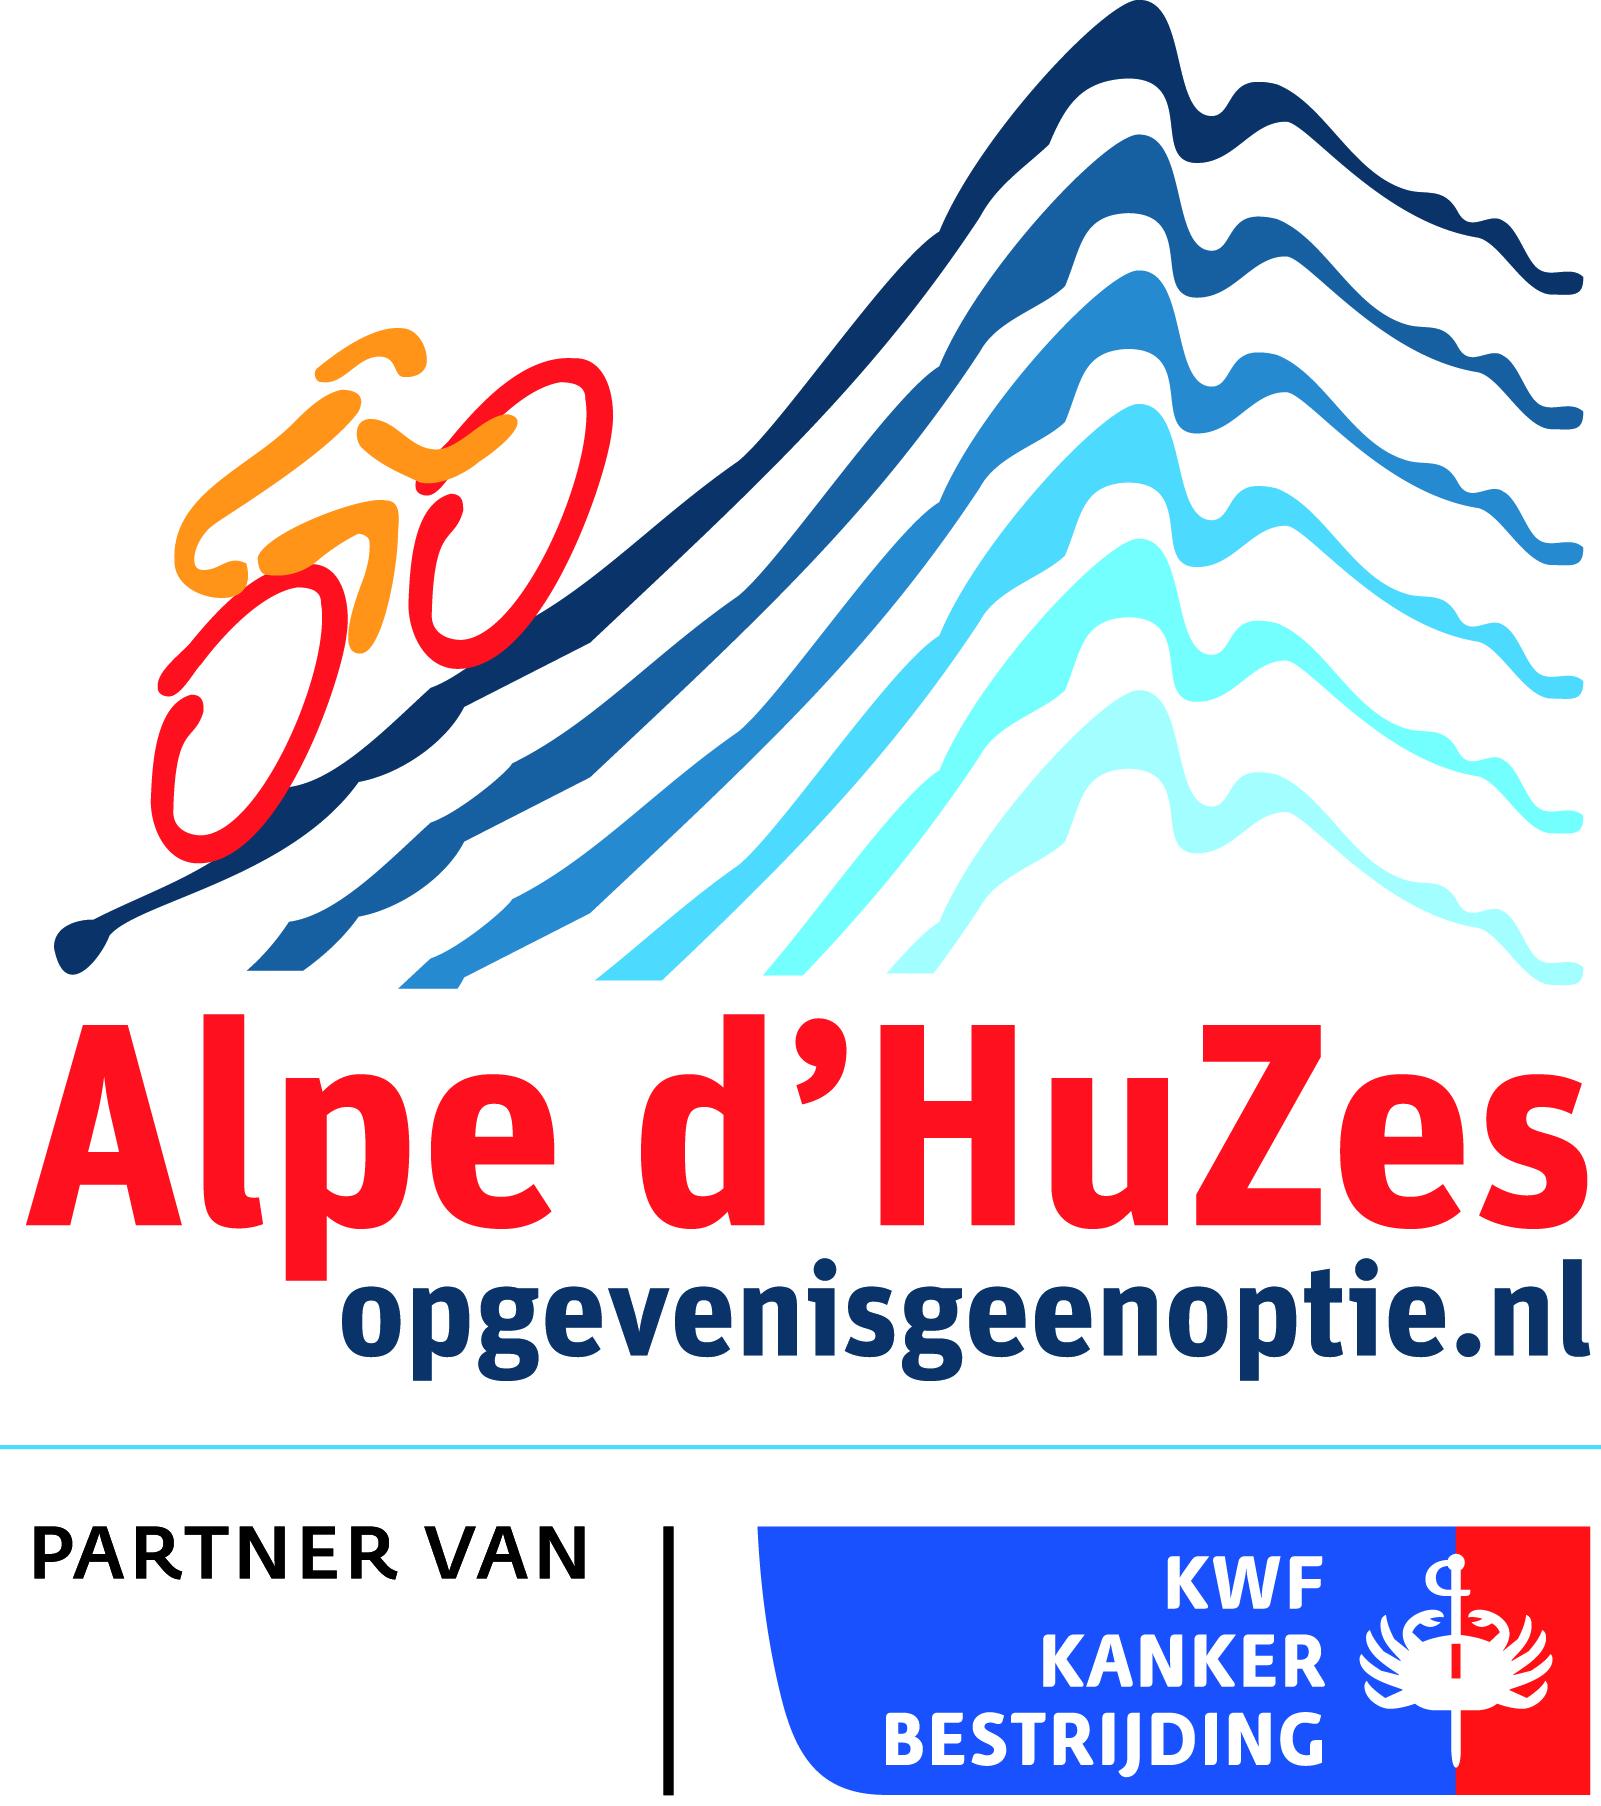 Alpe d'HuZes deelnemers zijn verplicht om een sportmedische verklaring te hebben! Dit sportmedische onderzoek kan je bij SMA Aalsmeer laten uitvoeren.